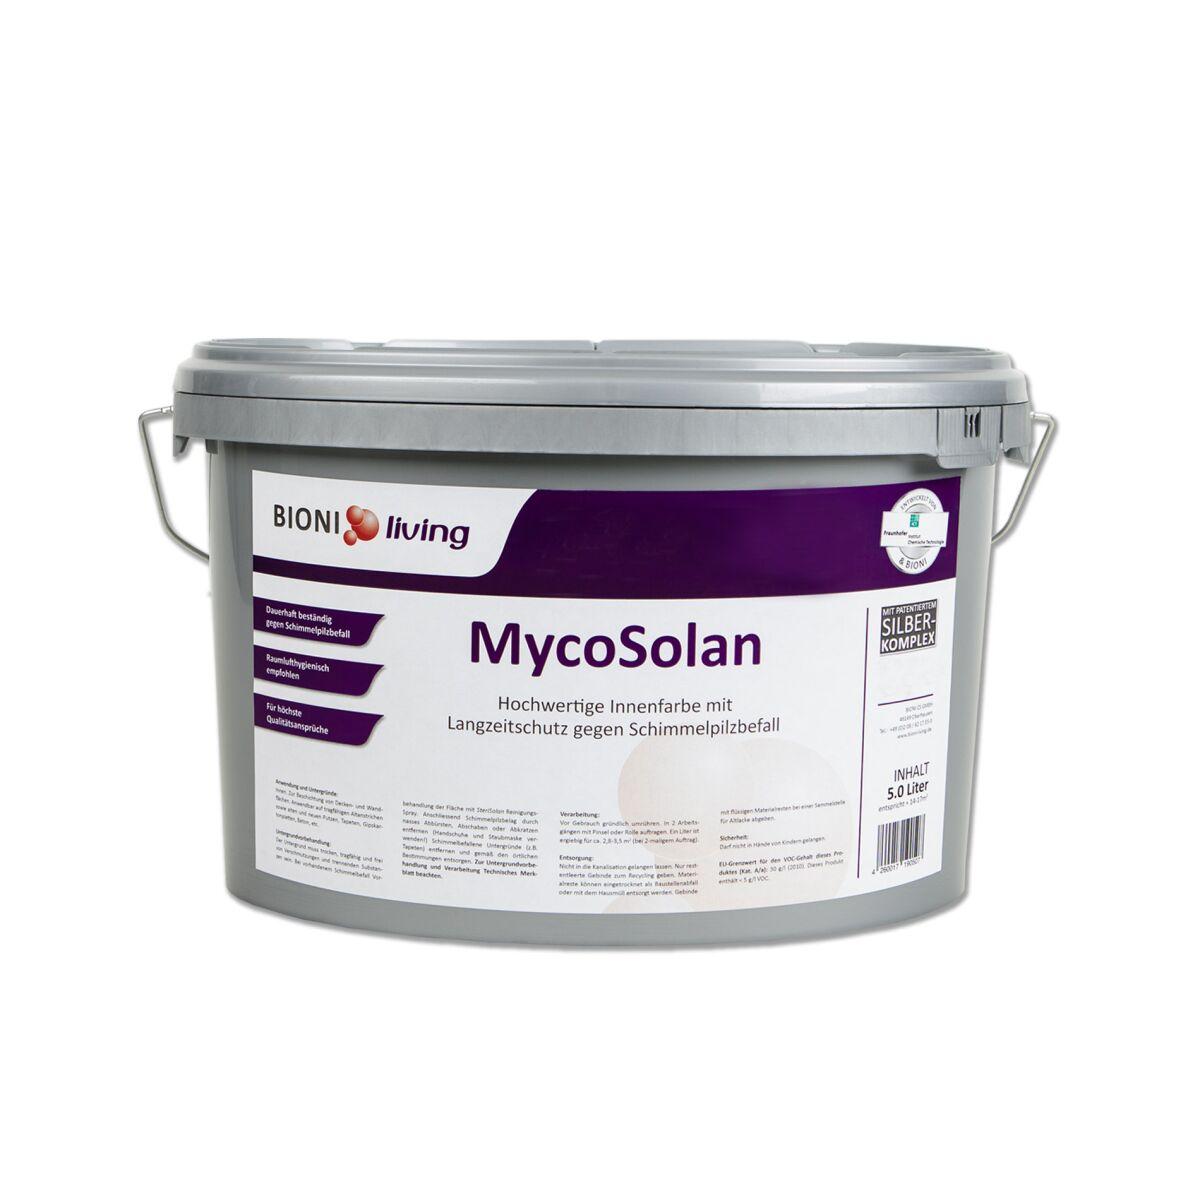 mycosolan innenfarbe gegen schimmel t v zertifiziert. Black Bedroom Furniture Sets. Home Design Ideas